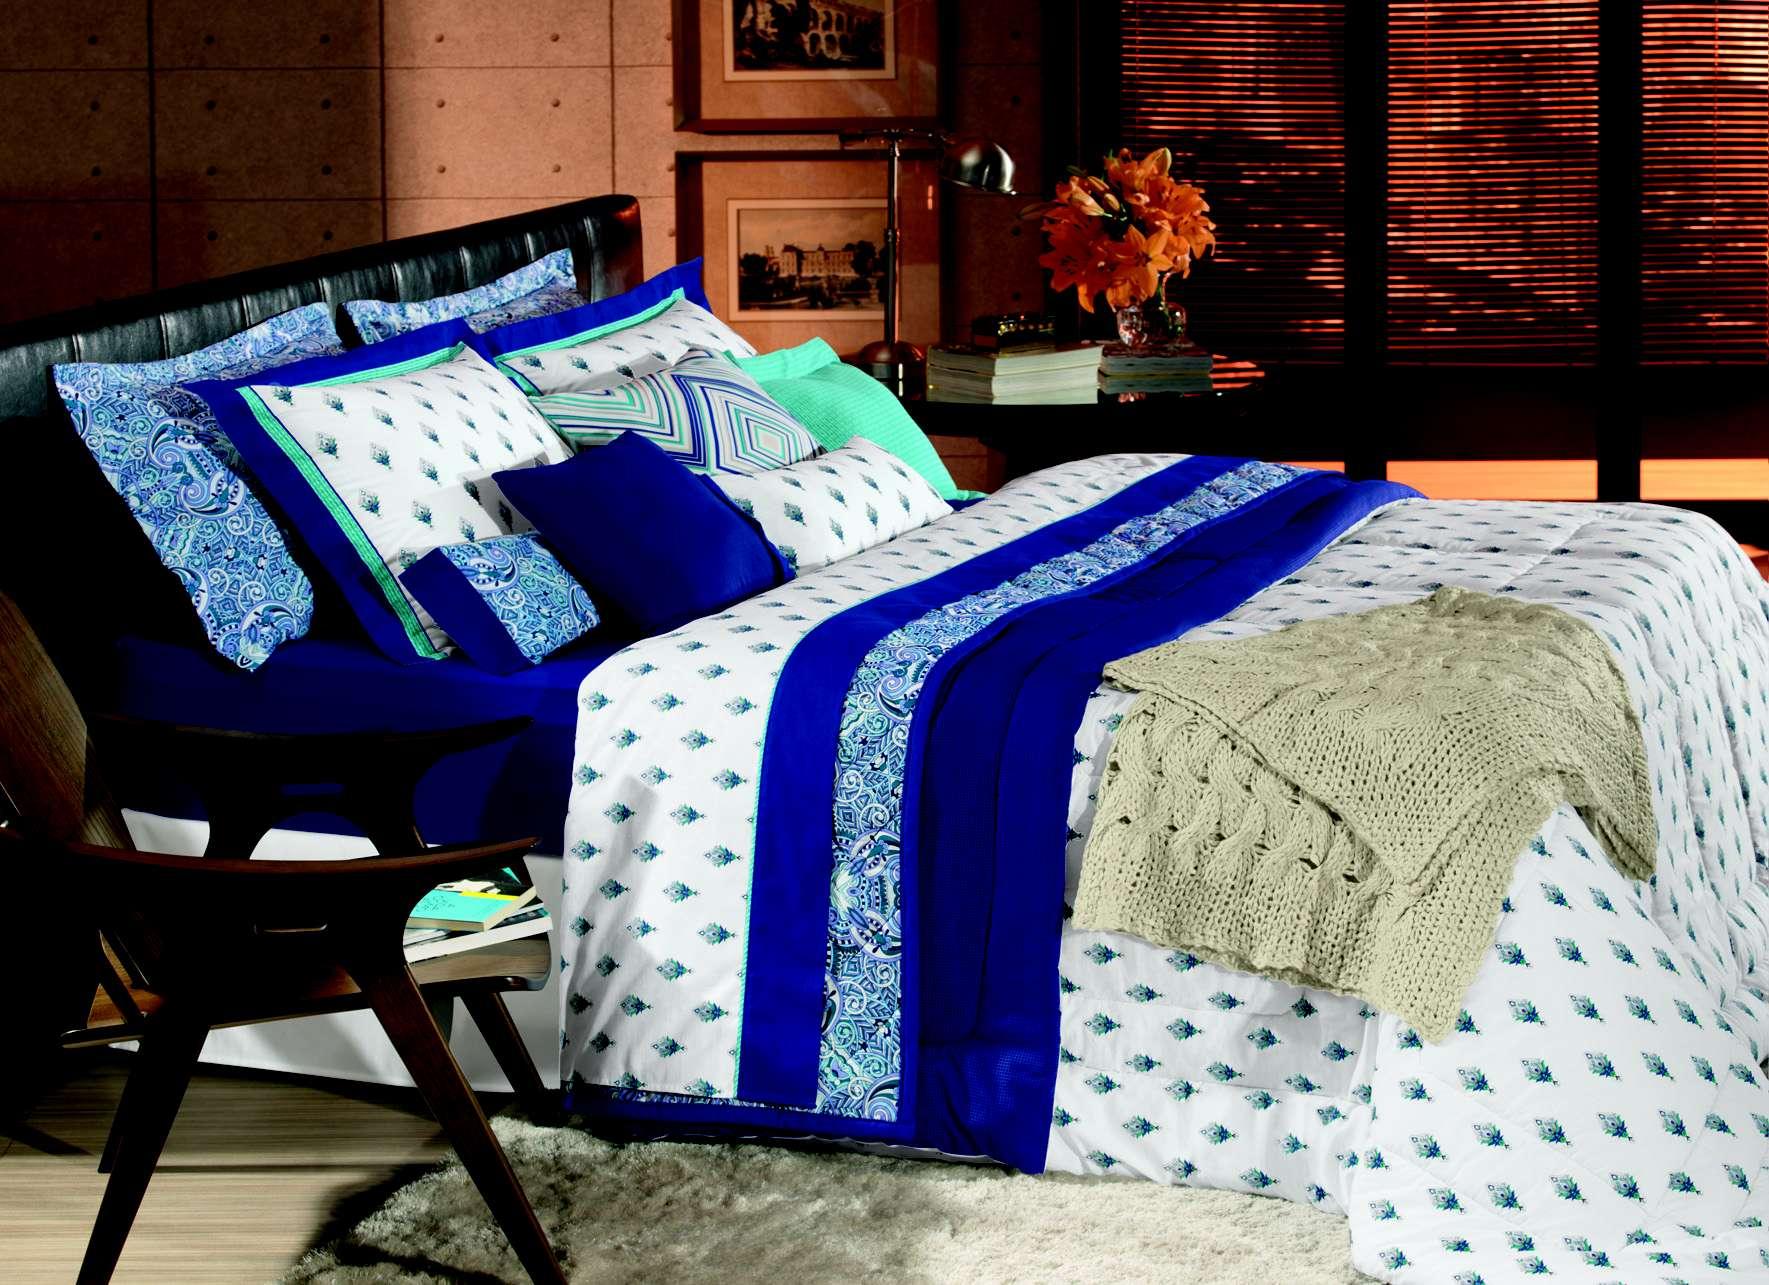 Saiba arrumar uma cama impecável e em camadas passo a passo